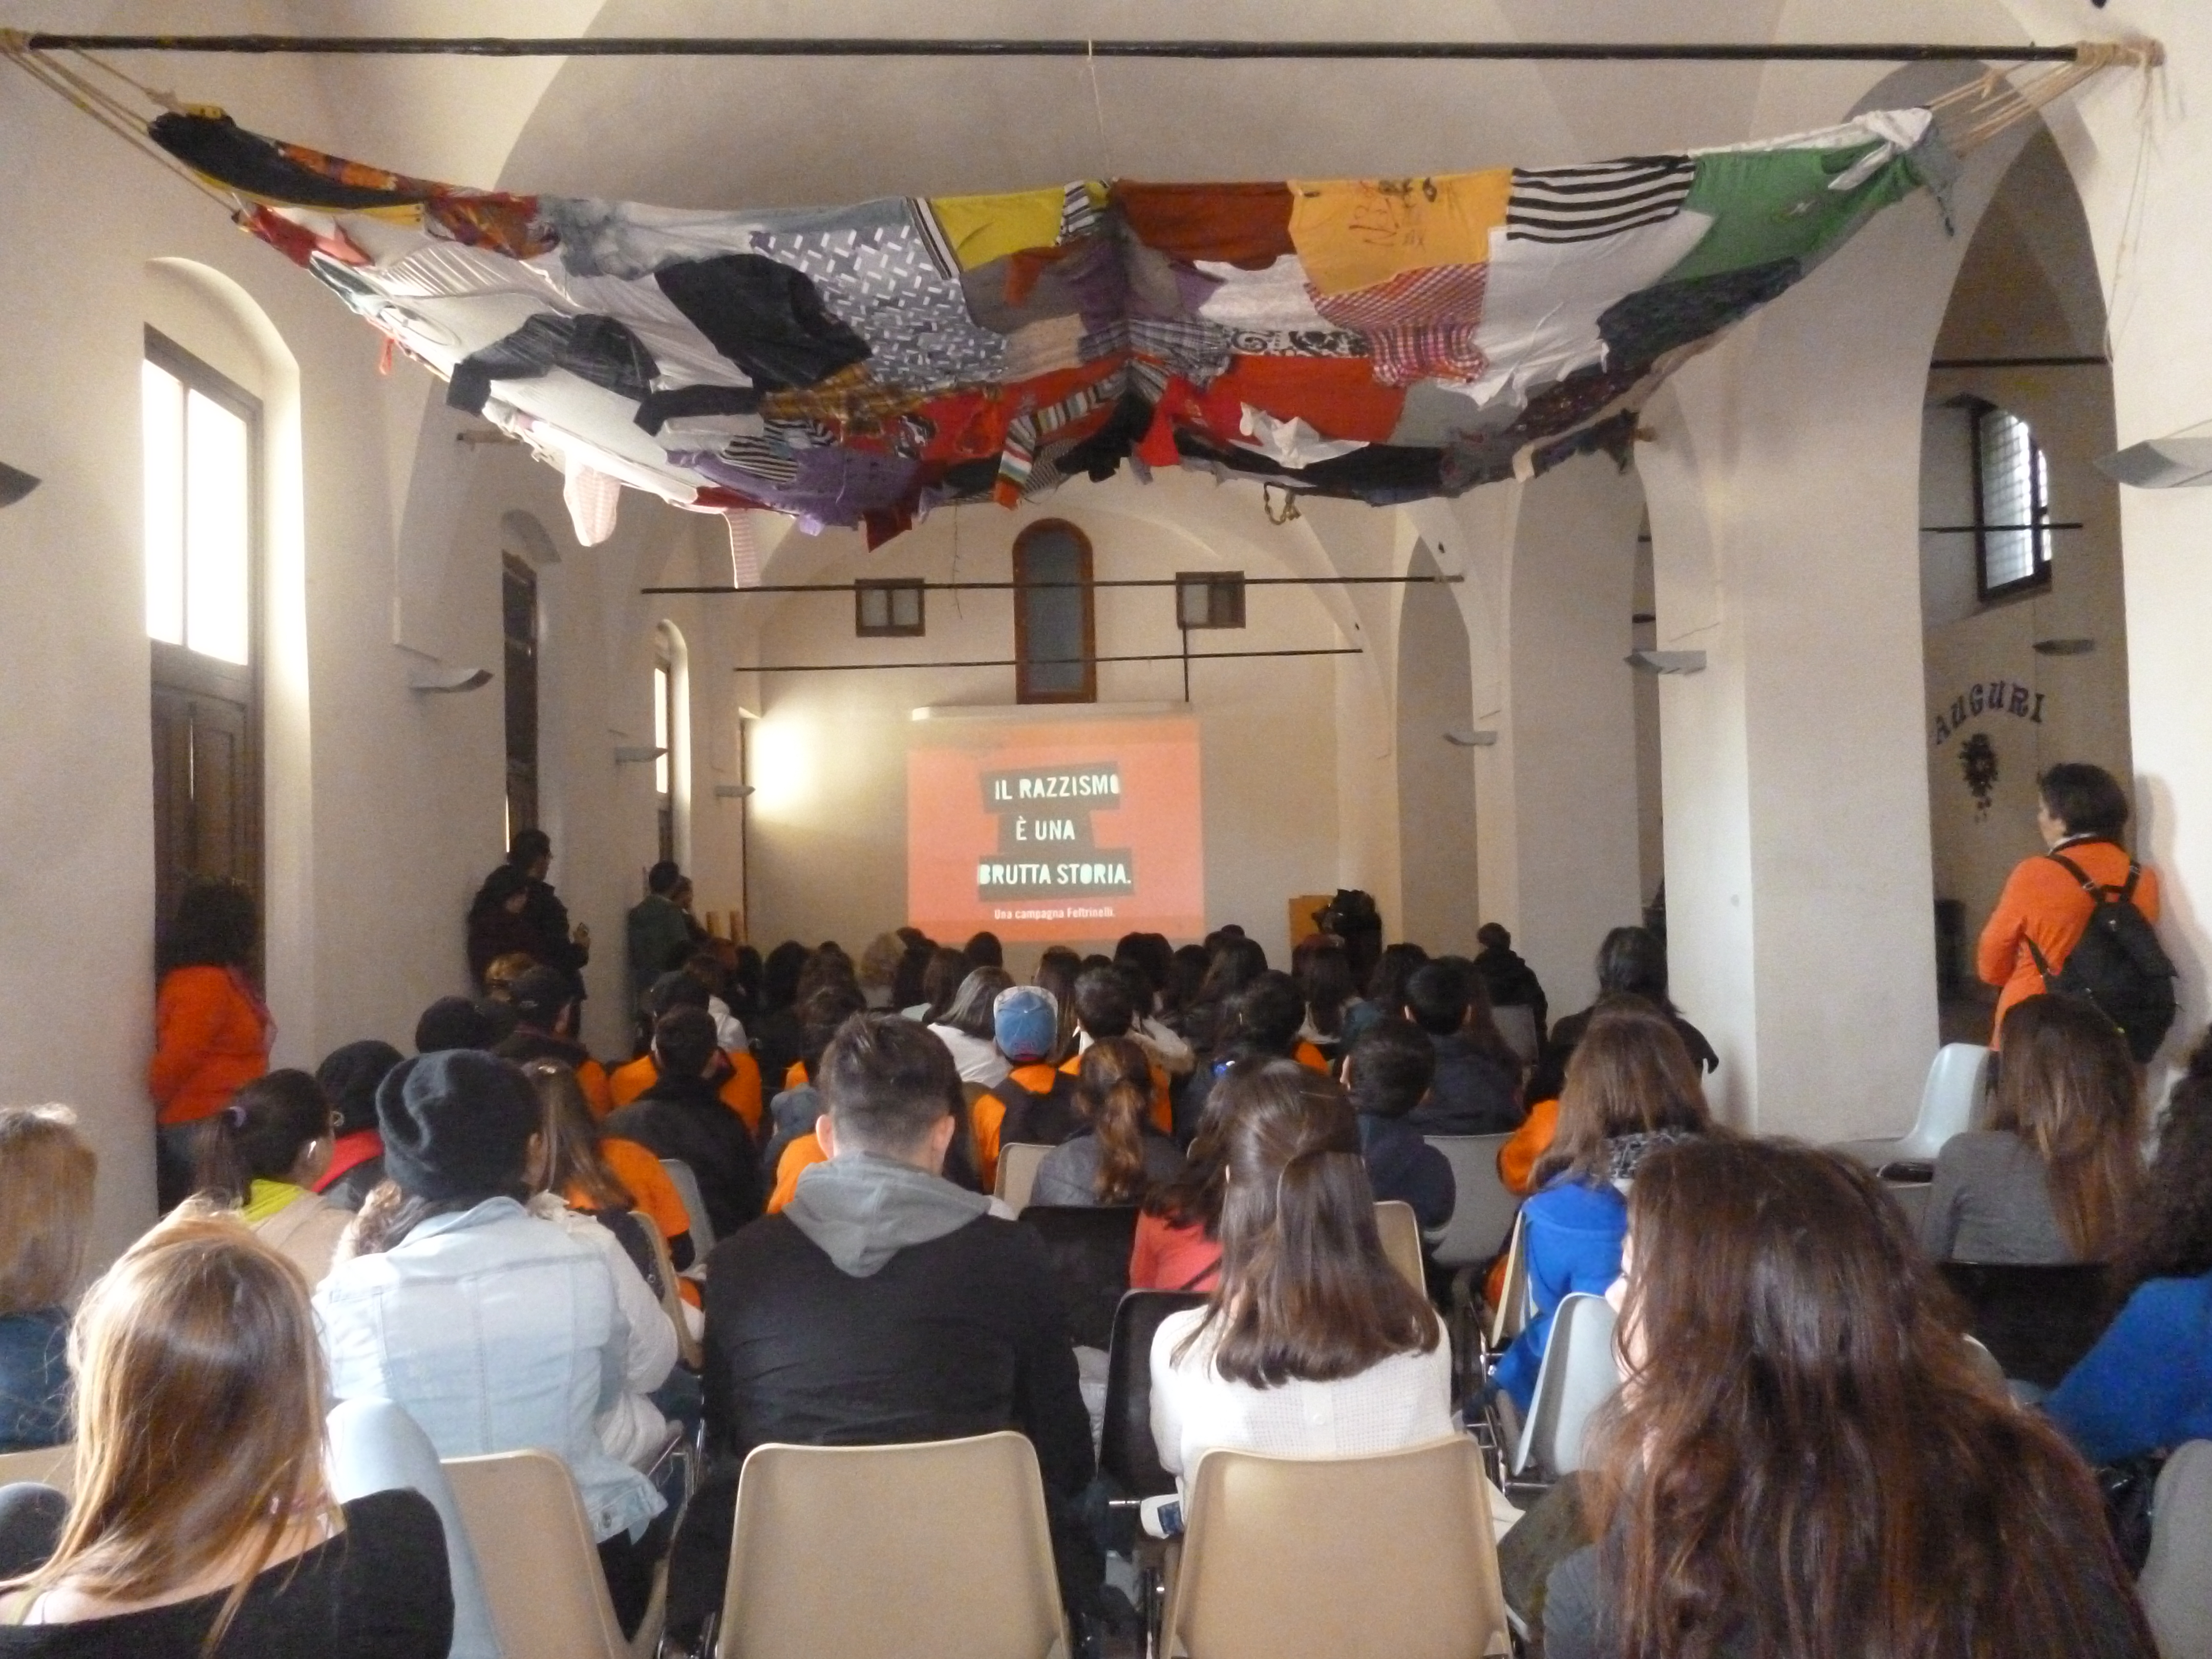 Giornata Internazionale per l'eliminazione delle discriminazioni razziali 2014